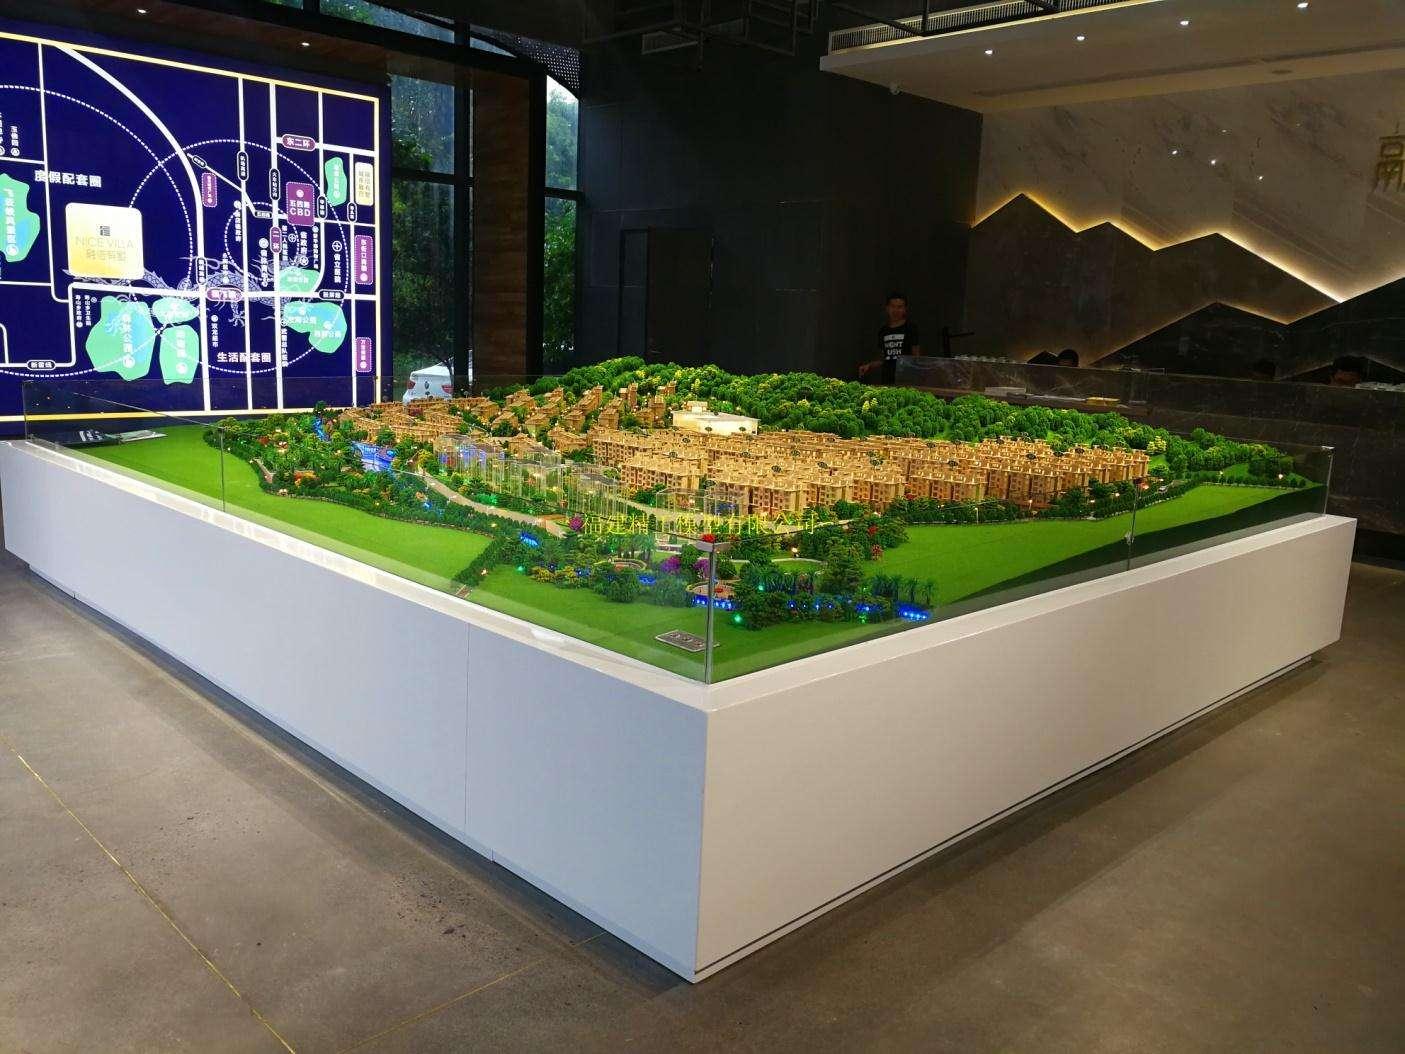 展厅沙盘模型如何吸引人?壮观只是一方面